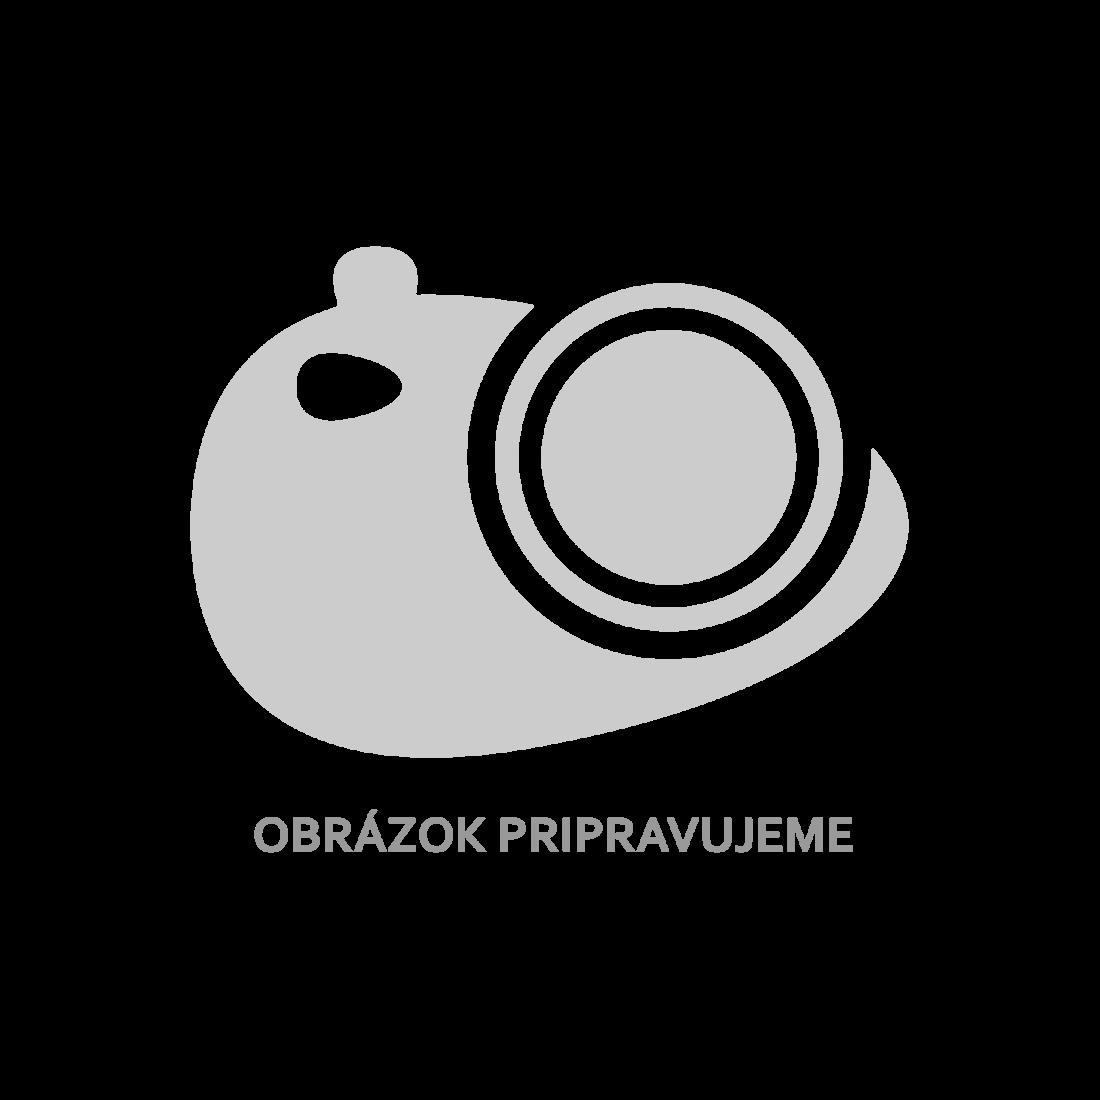 2ks barová stolička, ohýbané drevo, opierka ruky, nastaviteľná výška